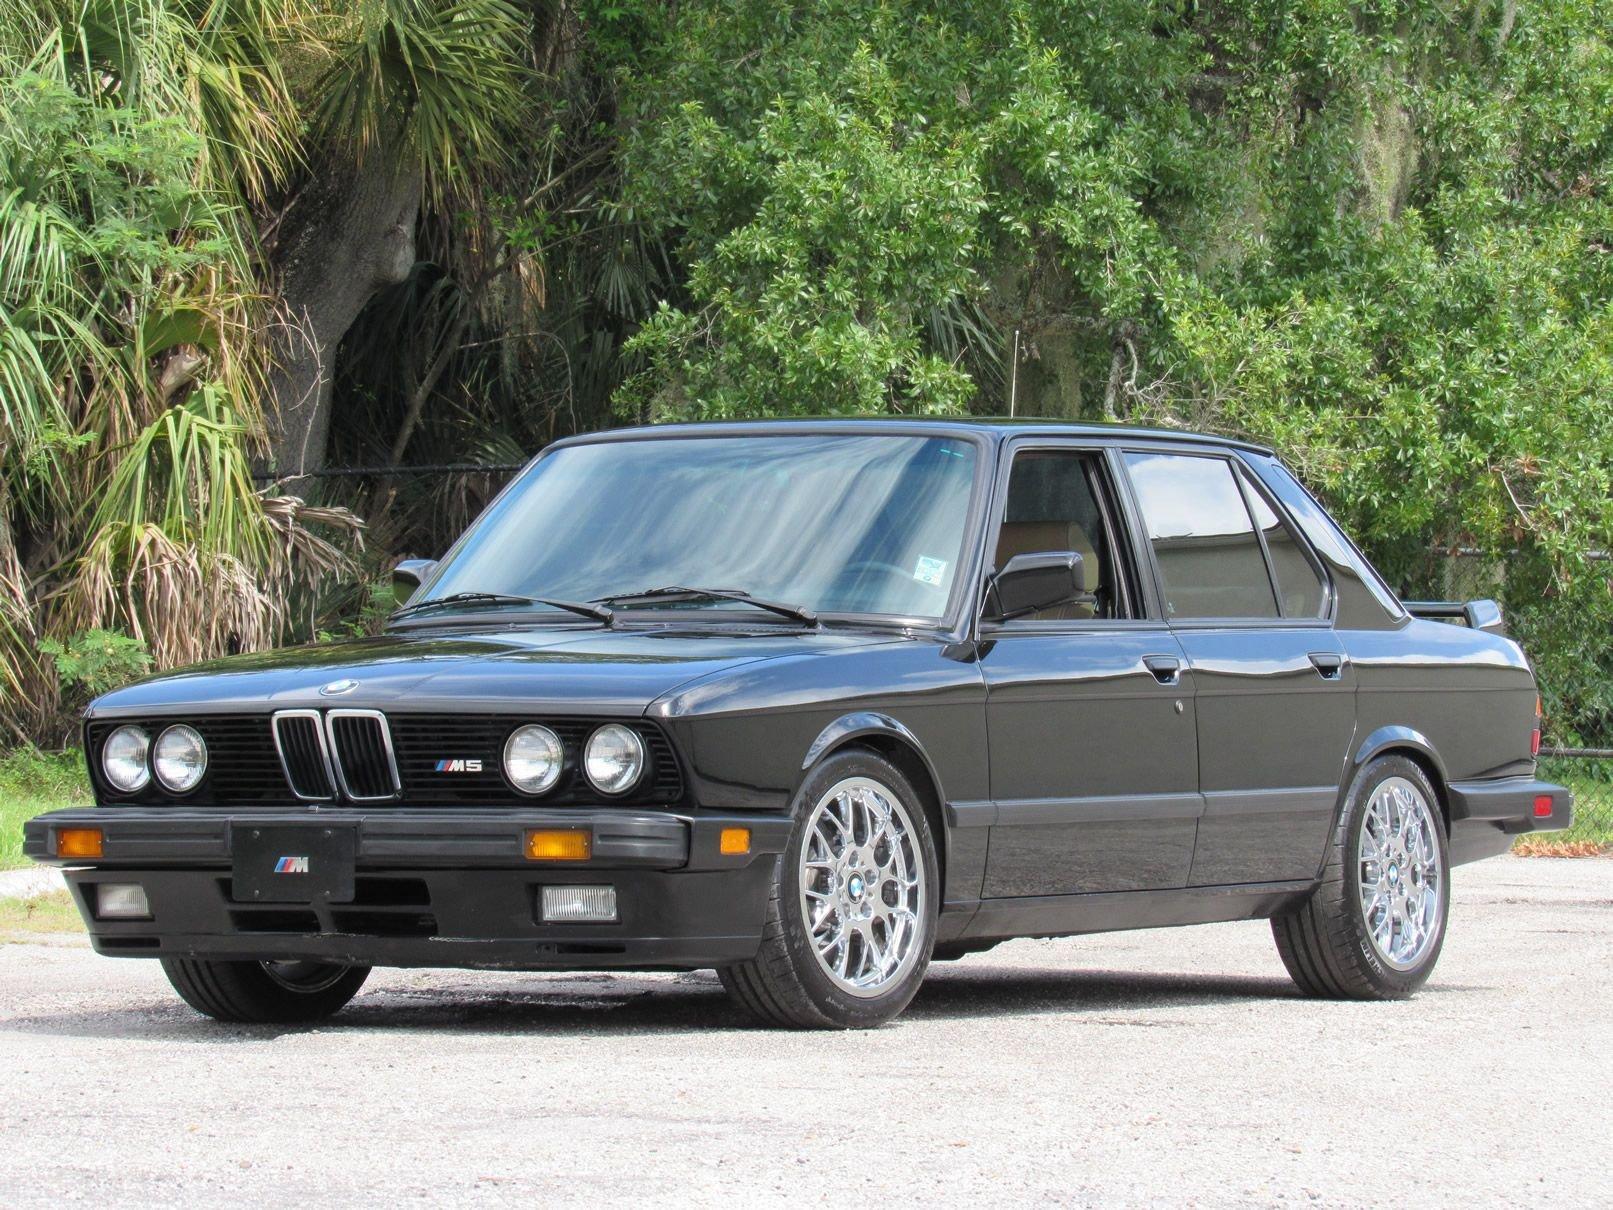 1988 bmw m5 sedan